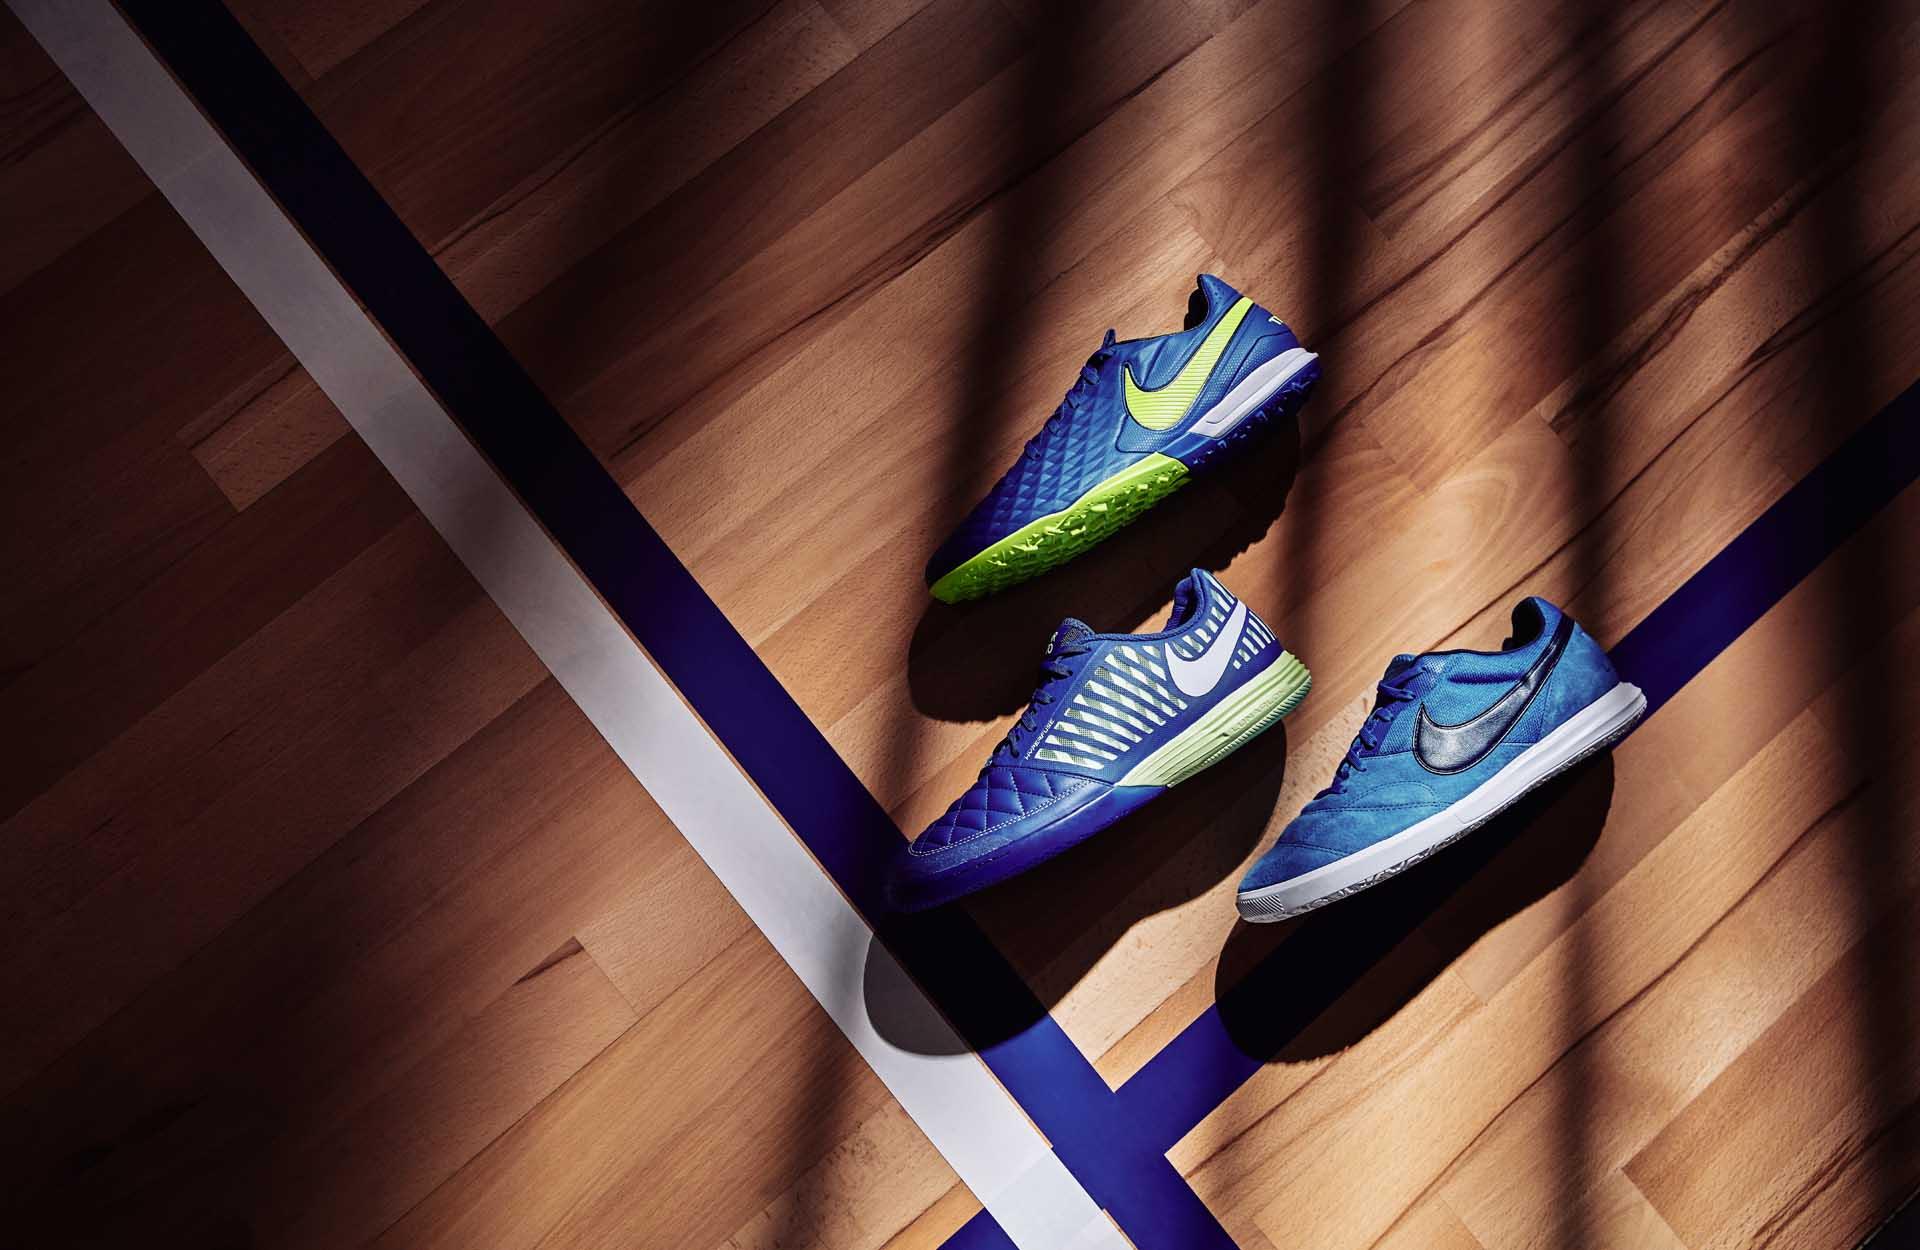 Nike giới thiệu bộ sưu tập giày đá bóng sân cỏ nhân tạo Skycourt pack